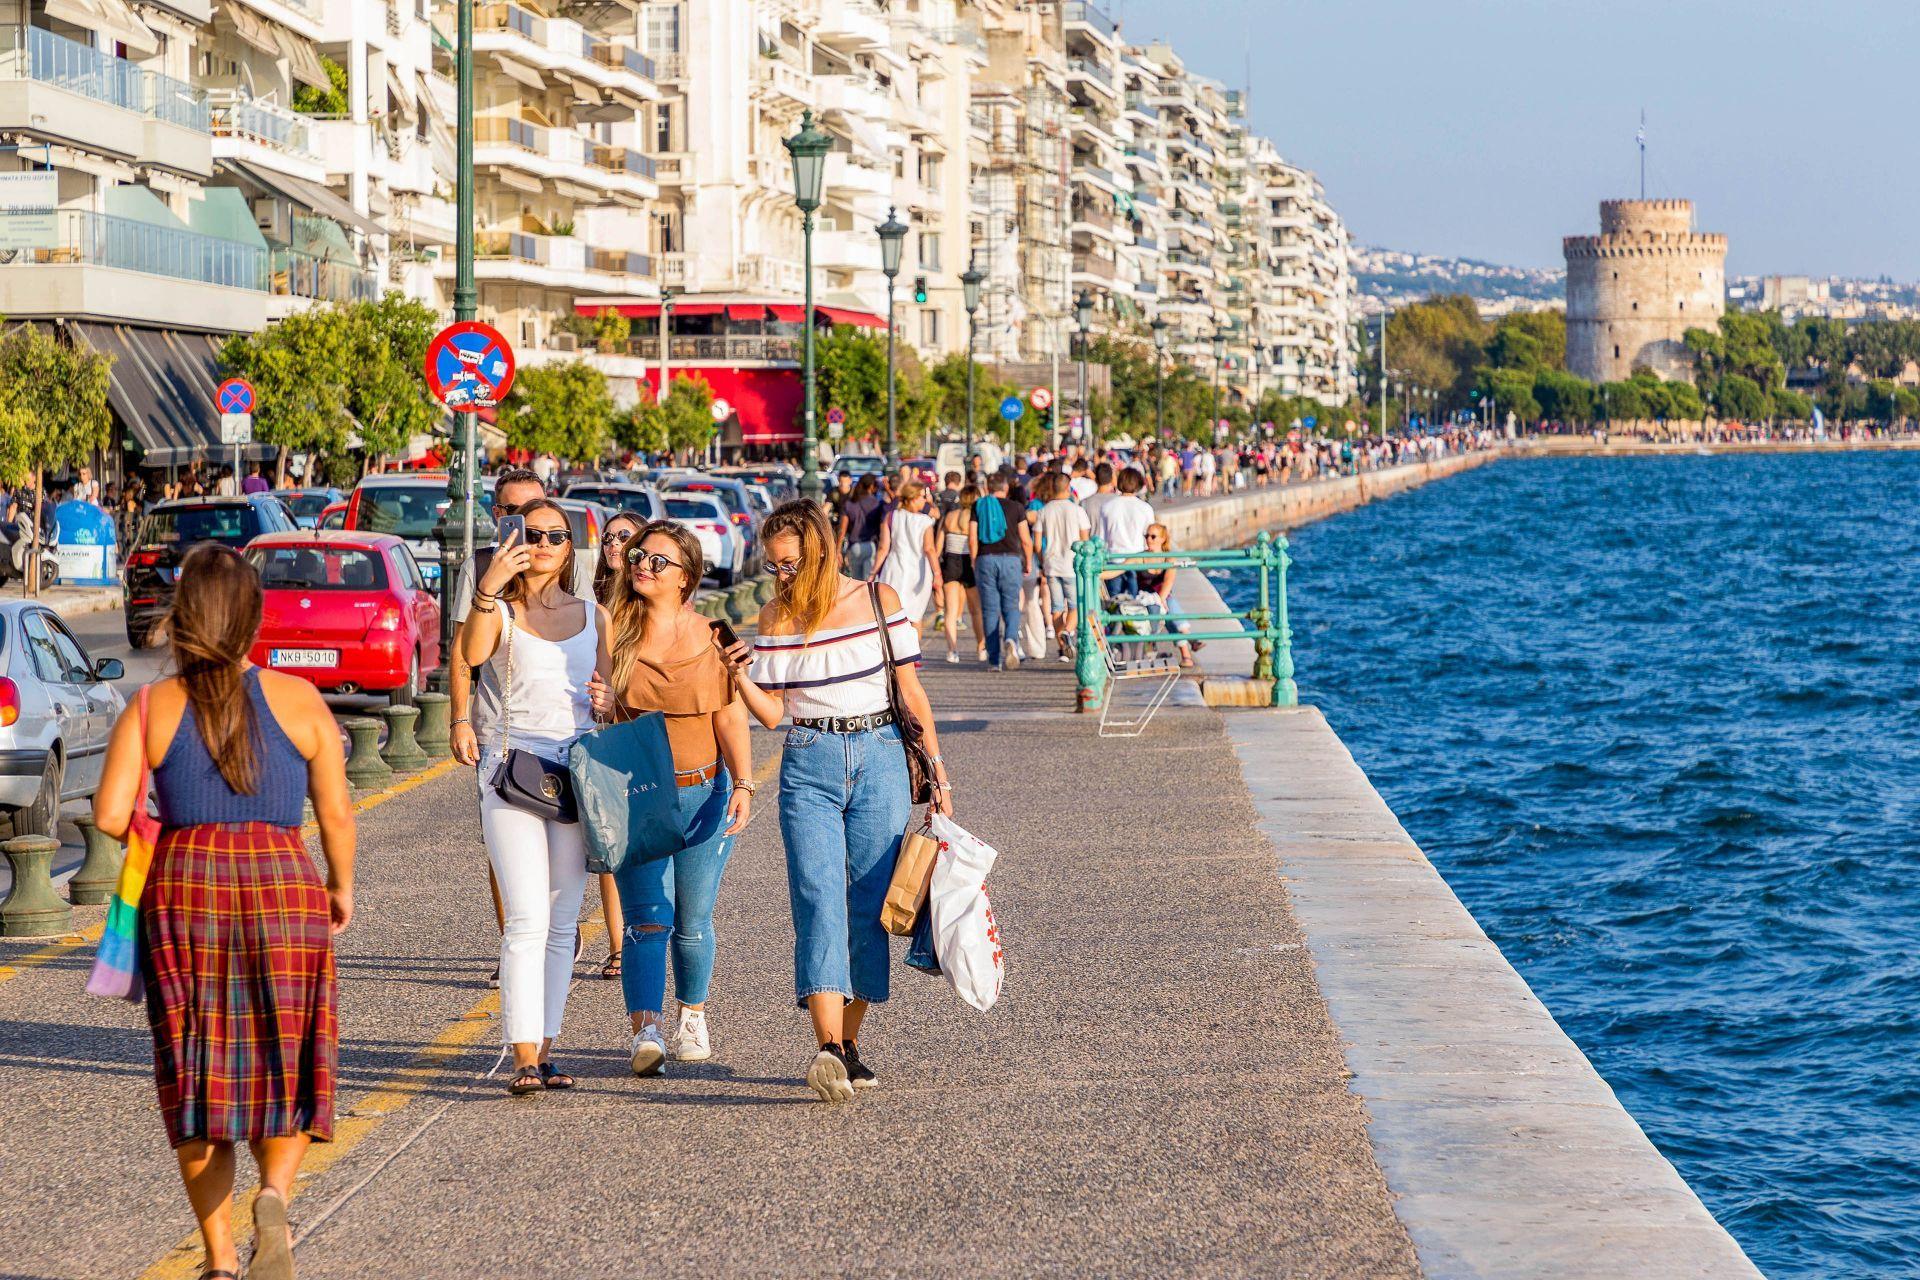 thessaloniki Destinasi Travel Wisata Favorit Yunani 2